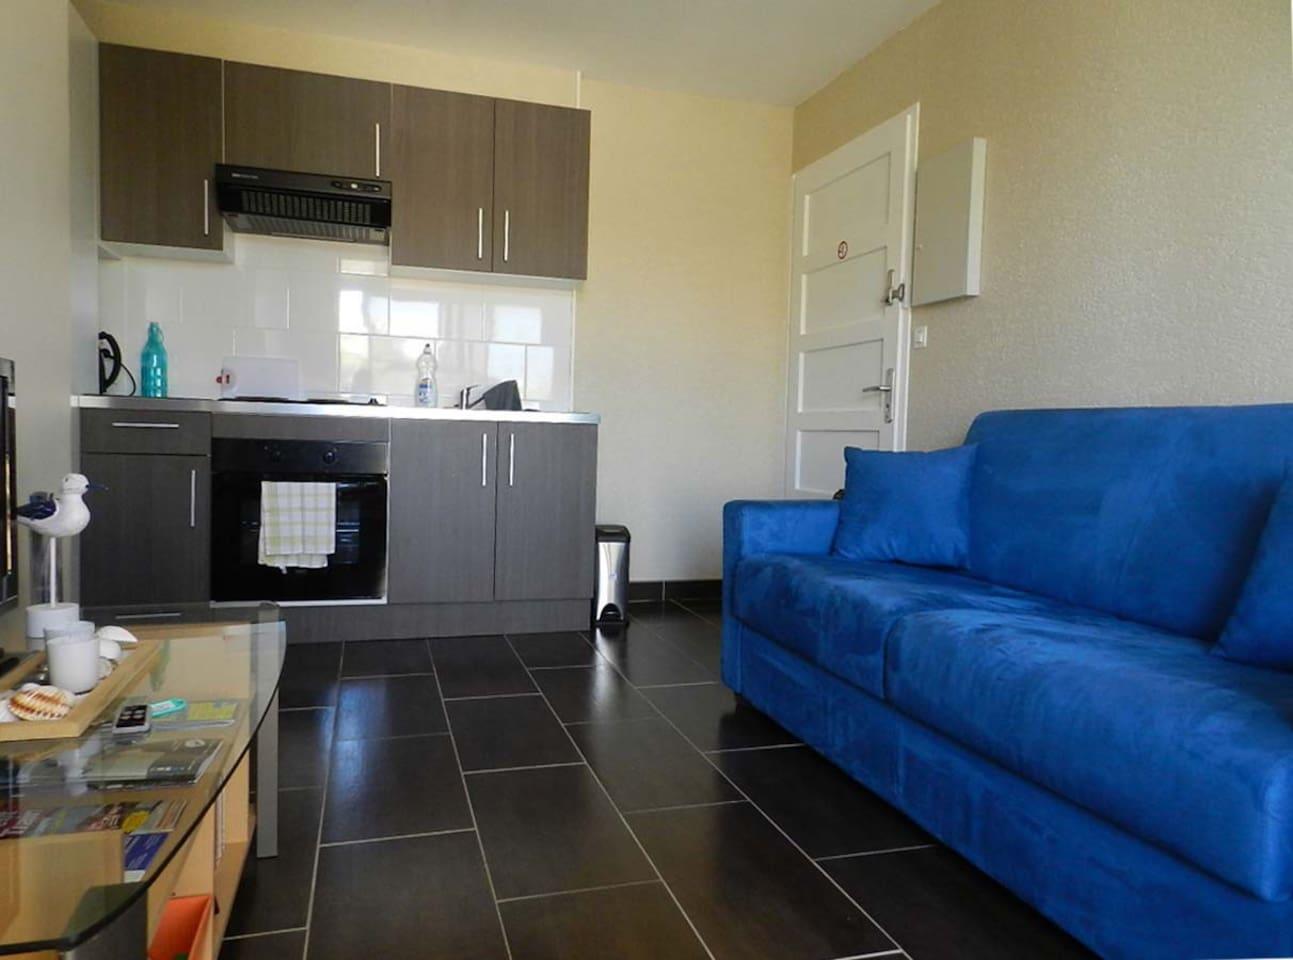 Espace salon/cuisine Living room/kitchen